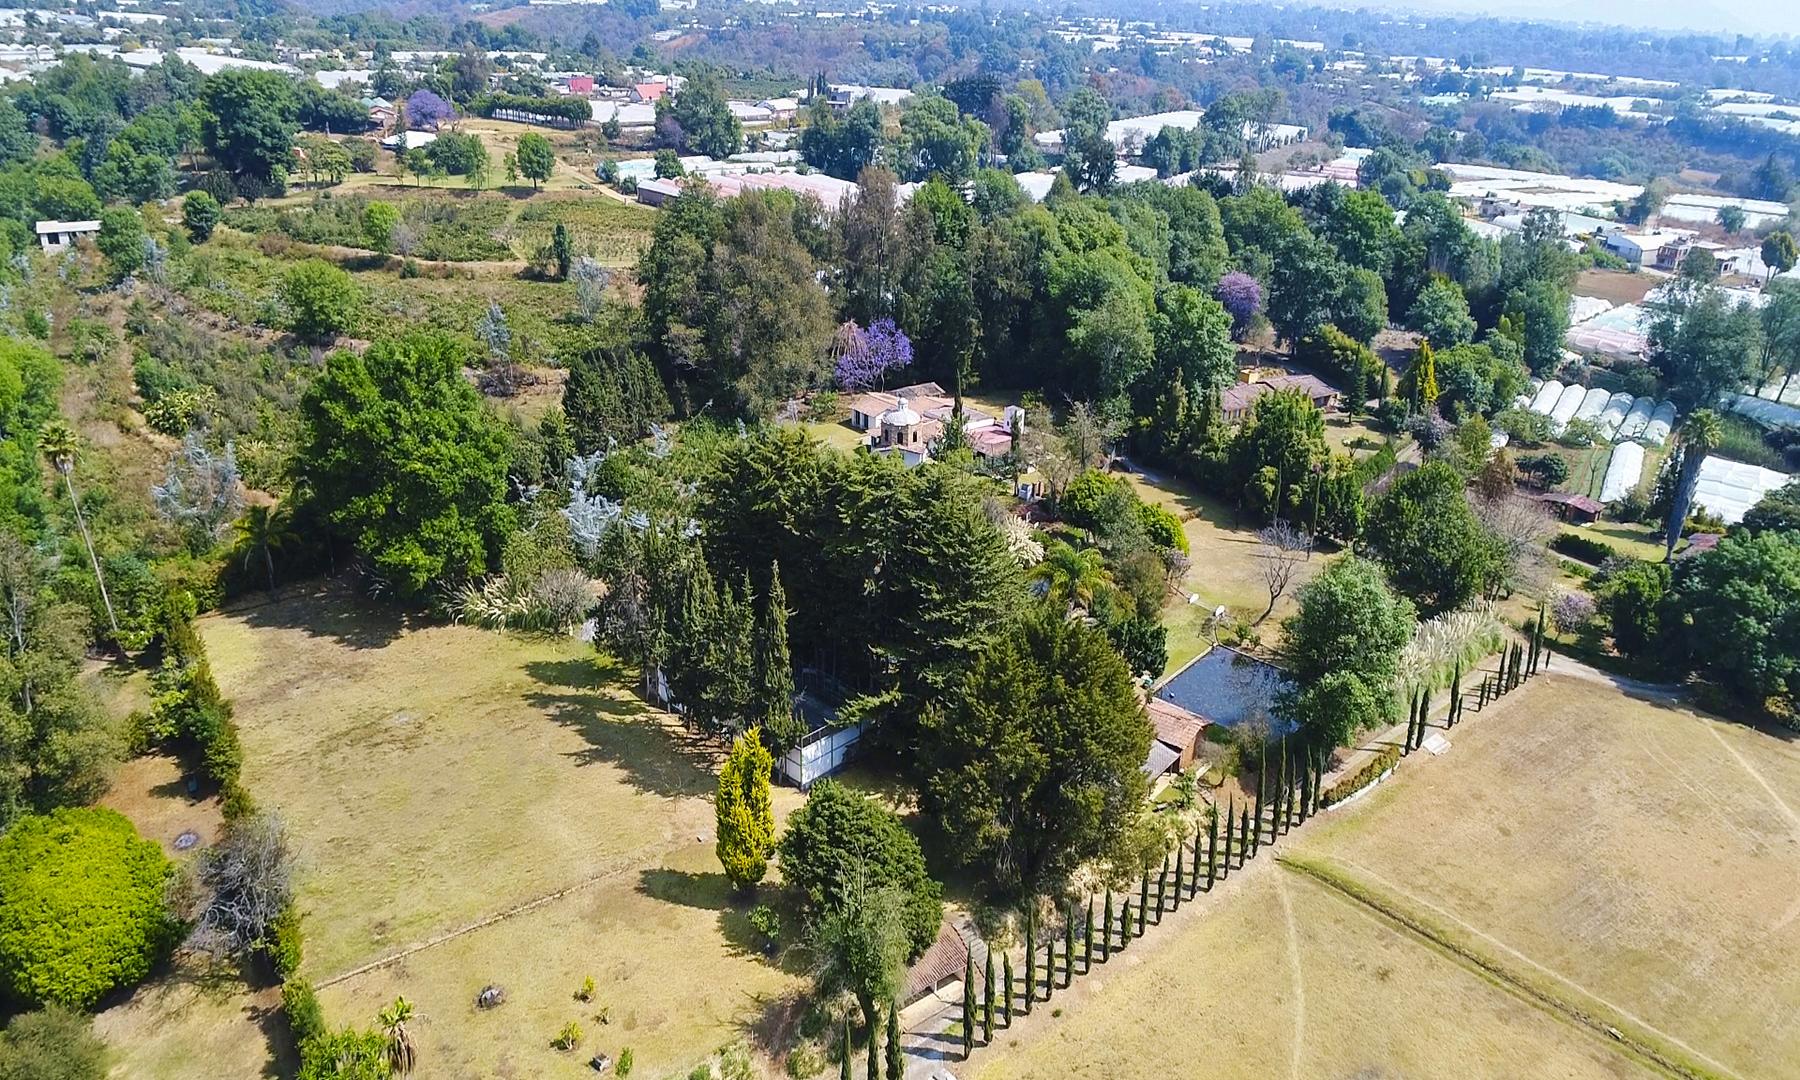 Hacienda El Rincon, Mexico City